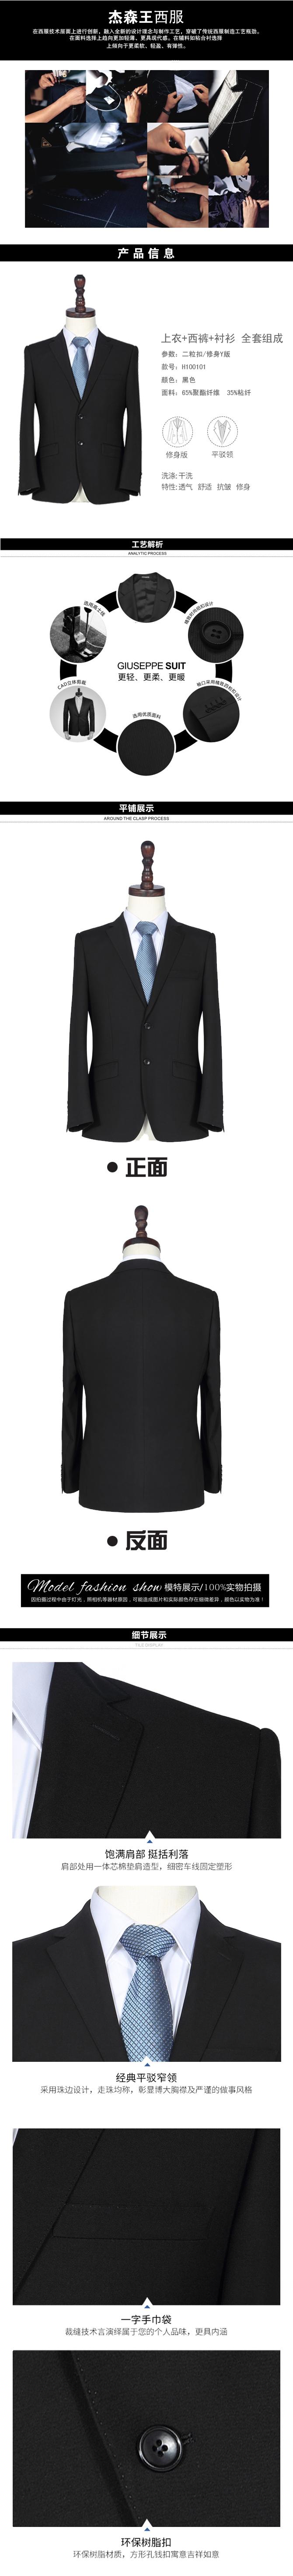 千赢国际app 下载西服套装